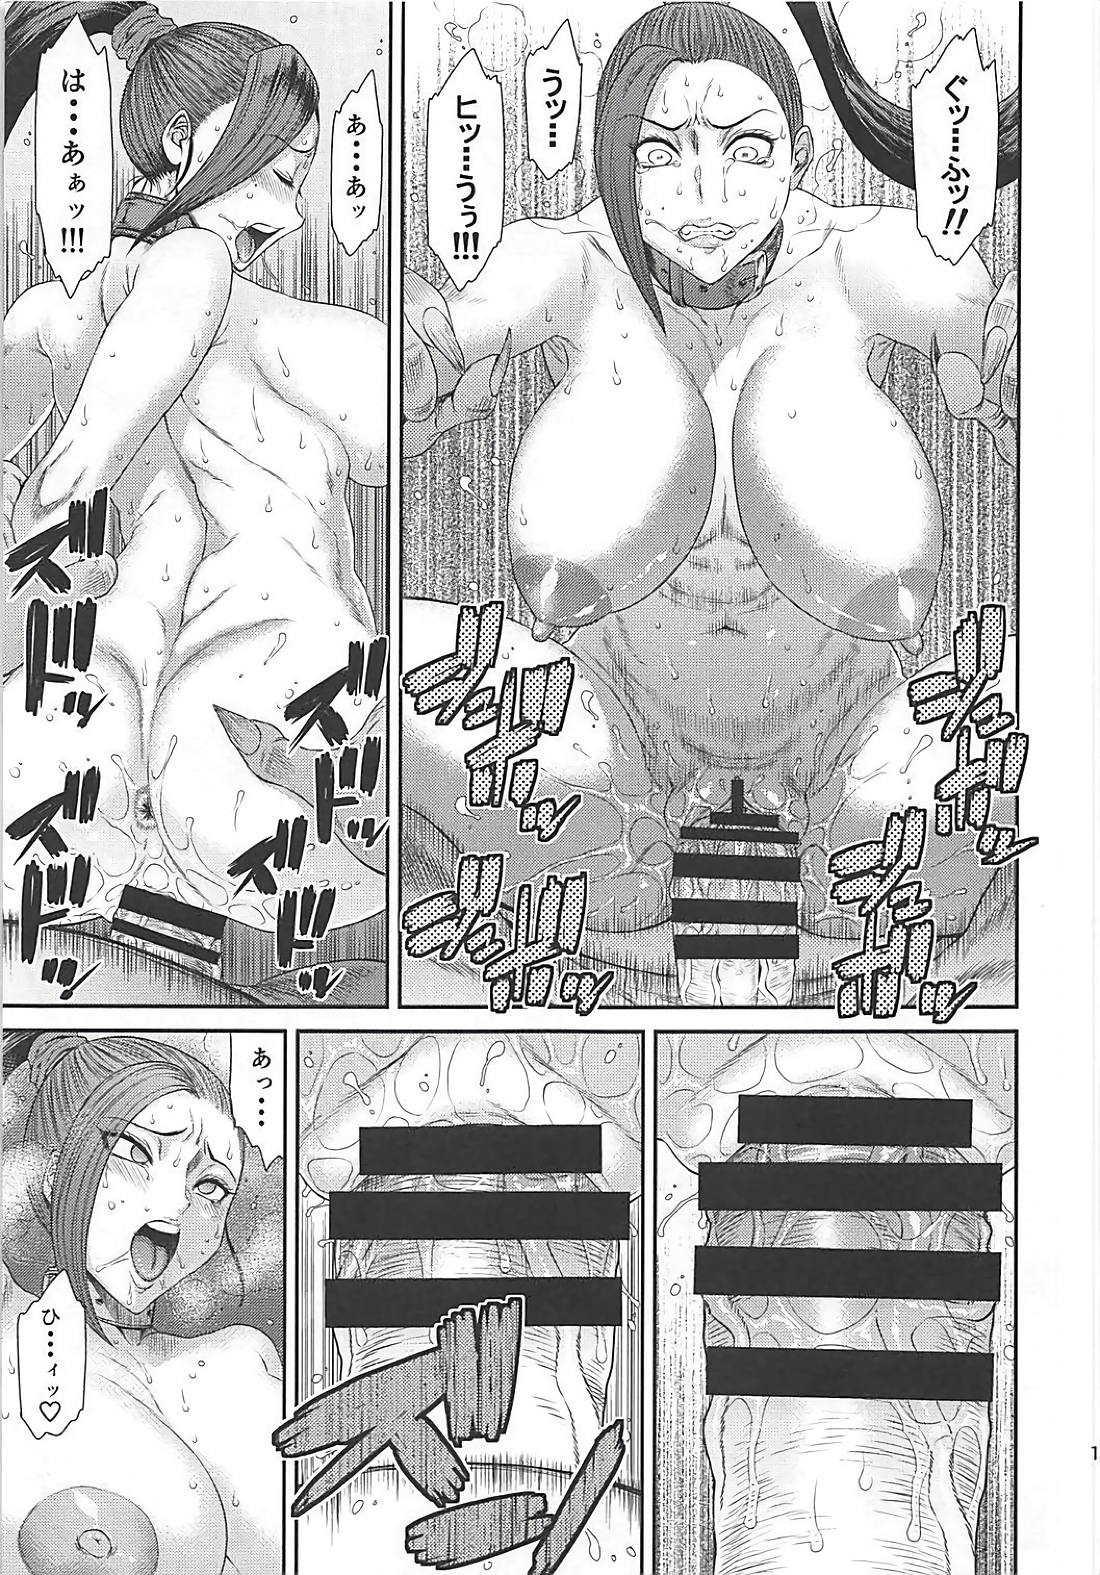 【エロ同人誌】(C94)敵に捕らえられたマルティナ…全裸で首輪を付けられ無残に処女を奪われるwww【砂川多良:妖魔軍王の隷属肉便姫】